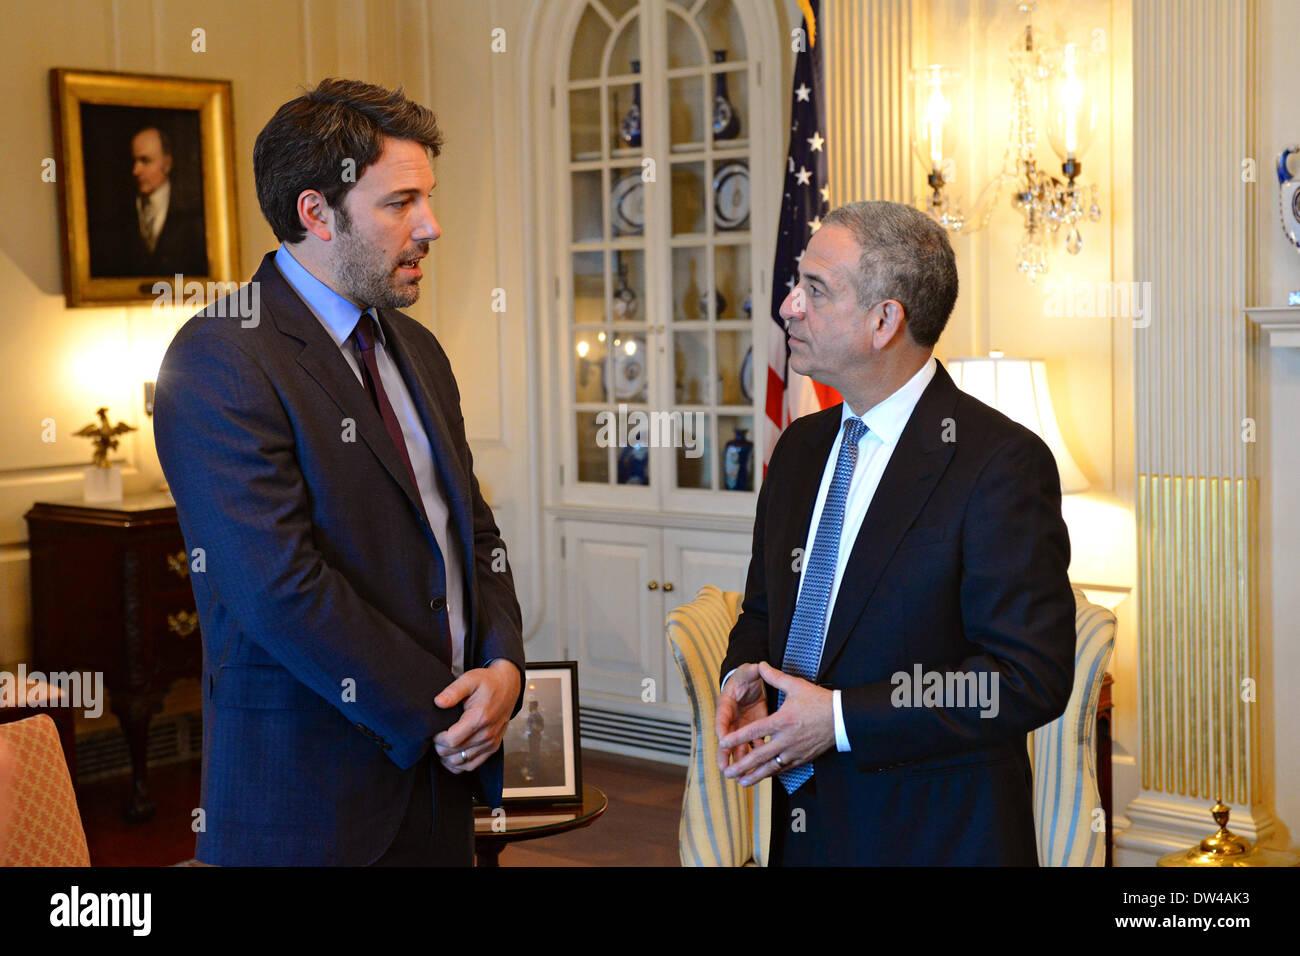 Envoyé spécial américain Russ Feingold rencontre avec l'acteur Ben Affleck (L), fondateur de l'Initiative de l'Est du Congo, au Ministère d'État le 26 février 2014 à Washington, D.C. Photo Stock